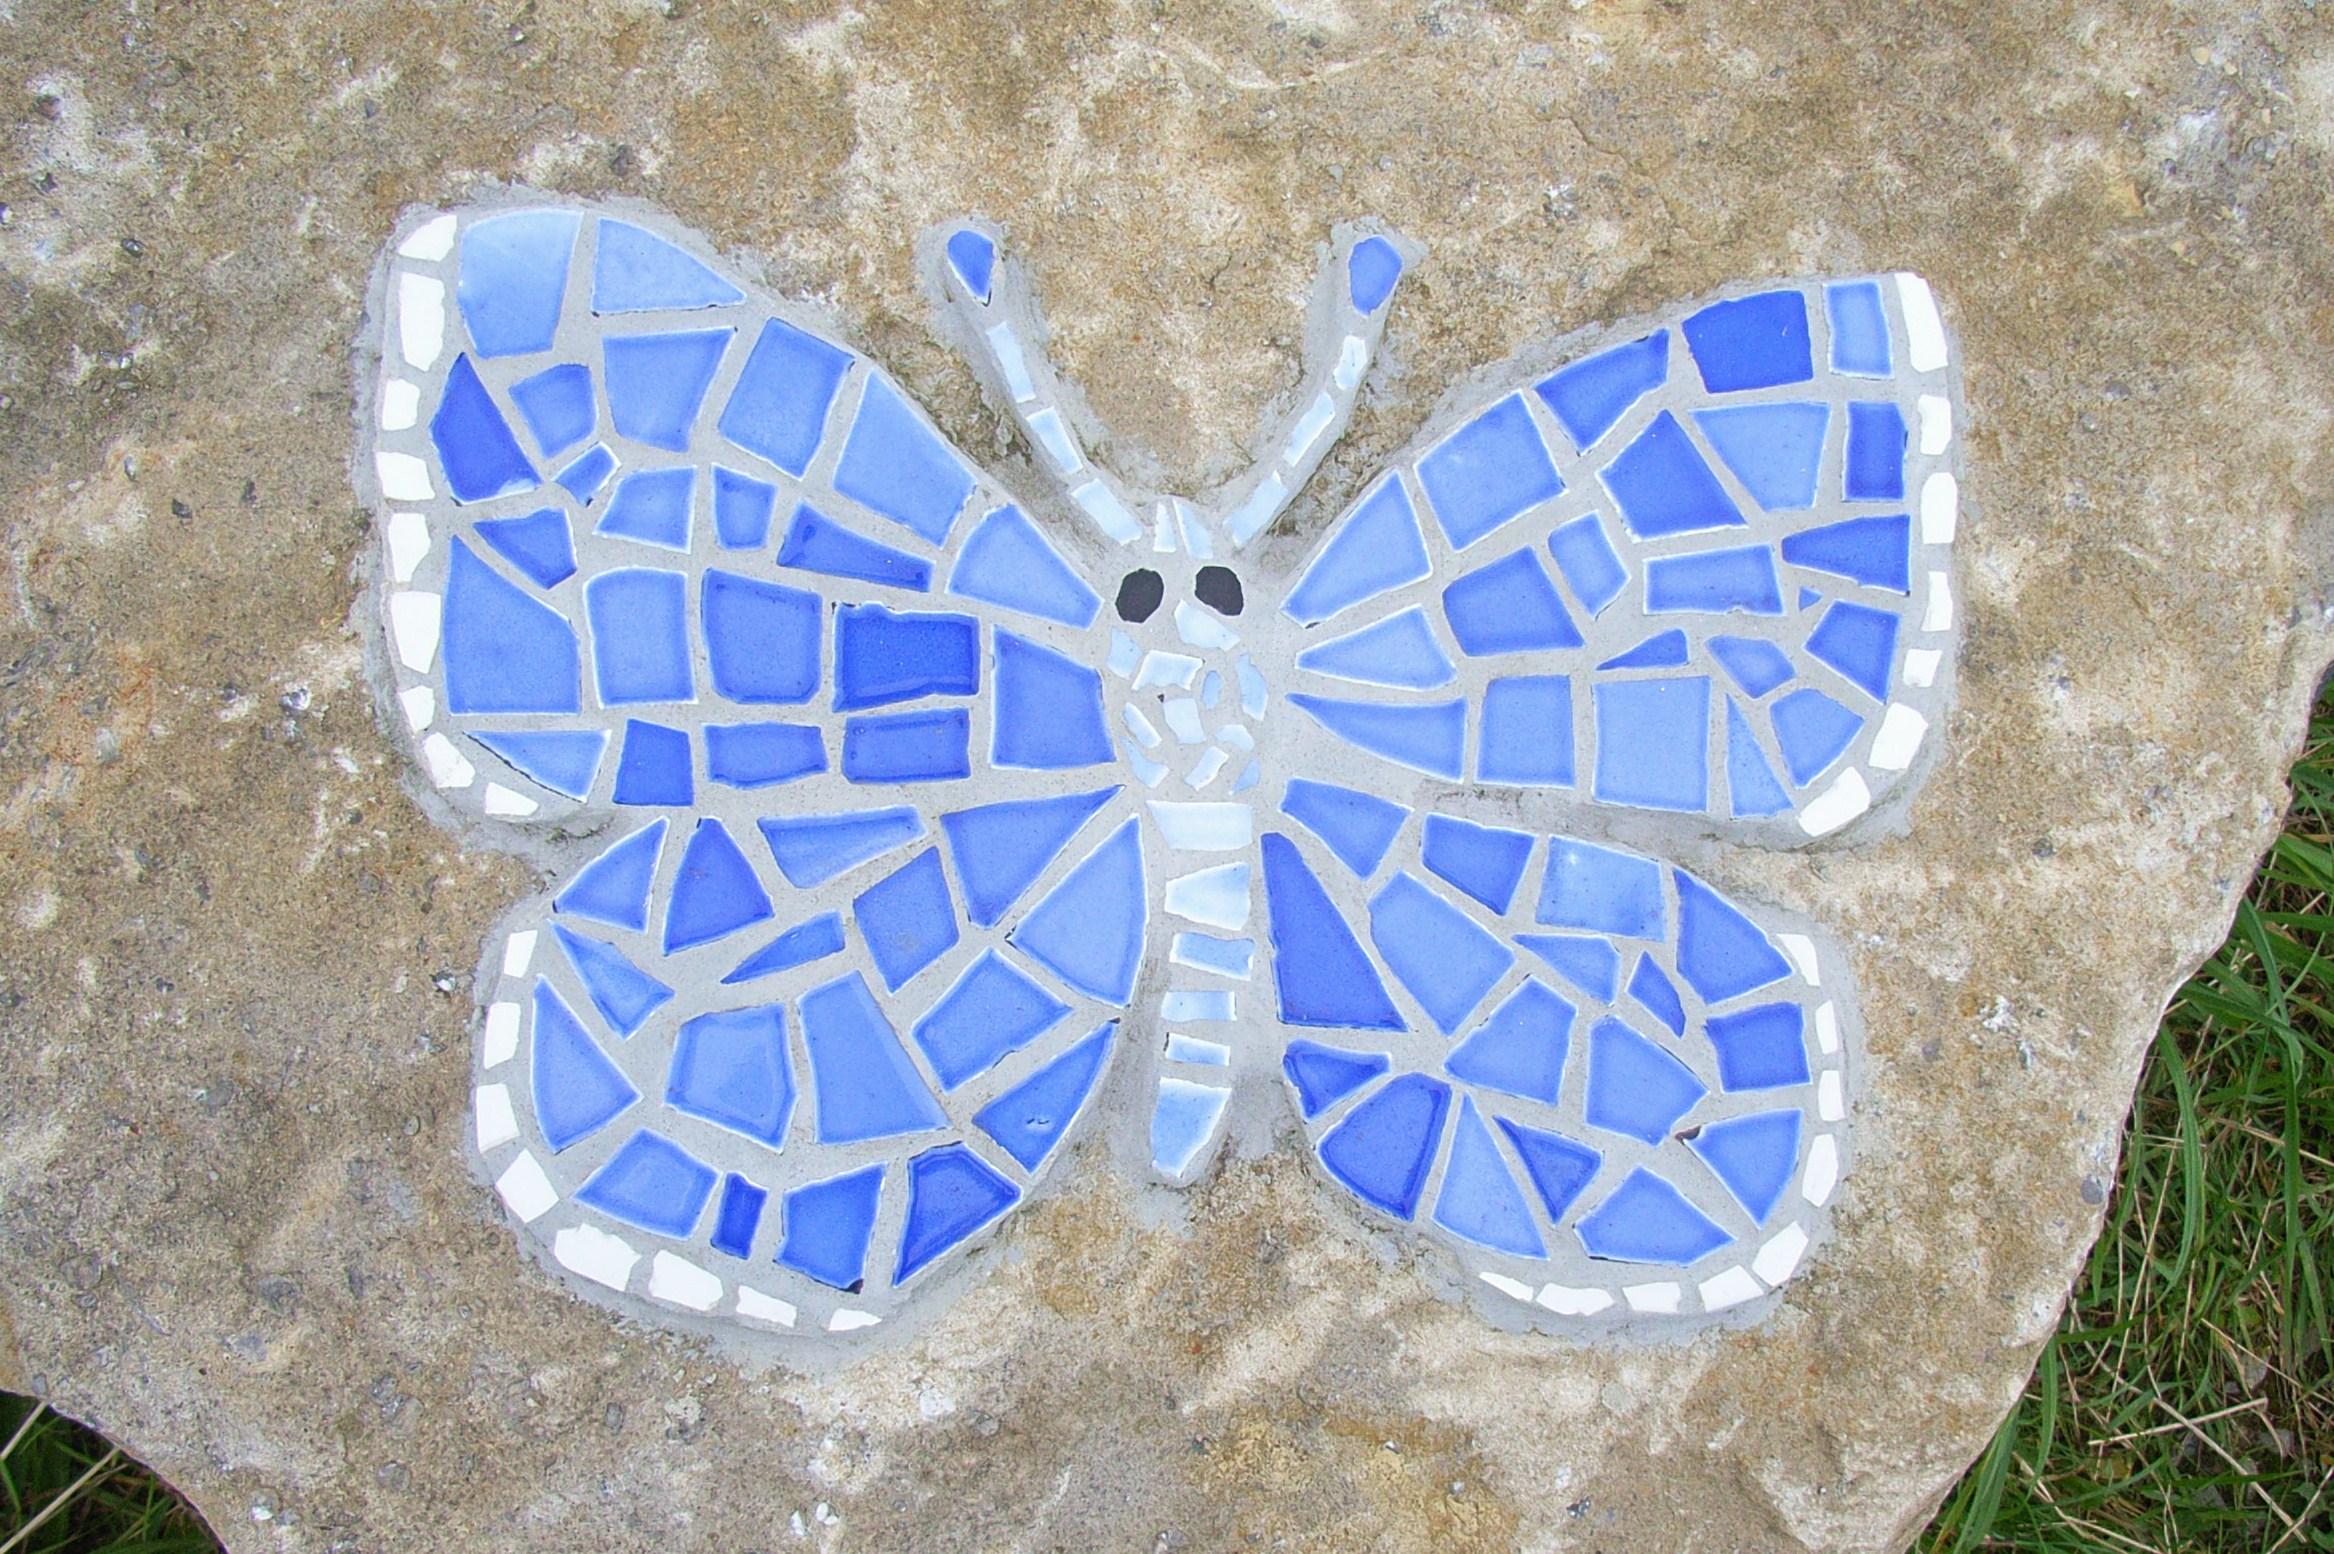 file bl uling mosaik als symbol des schmetterlingspfades auf den kalktriften in willebadessen. Black Bedroom Furniture Sets. Home Design Ideas